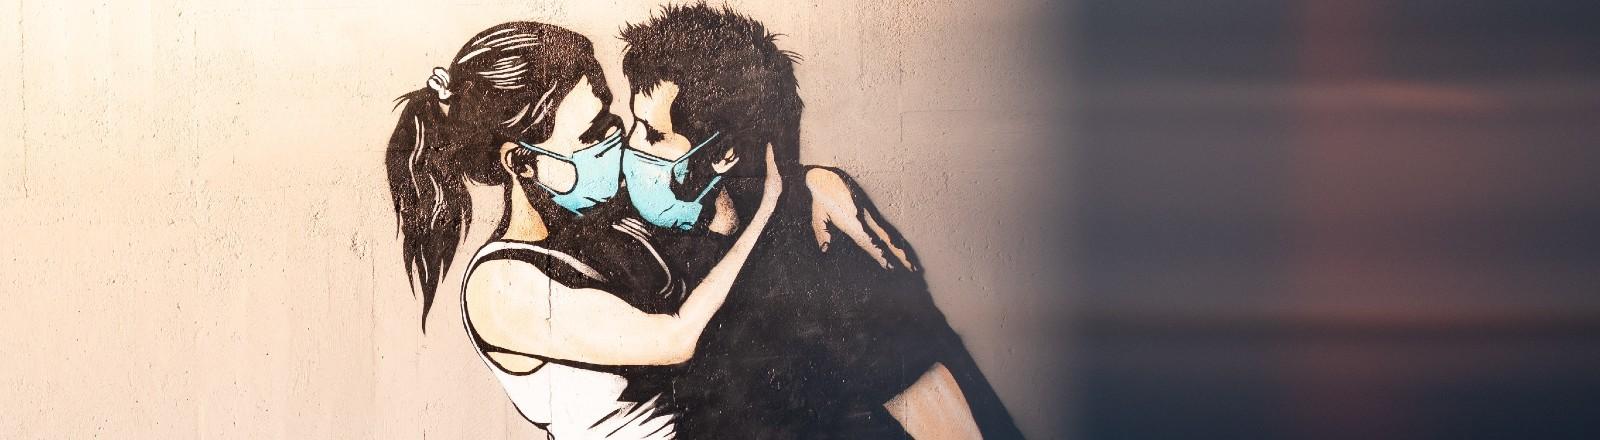 Eine Zeichnung an einer Wand zeigt ein Paar, das sich mit Mund-Nasen-Schutz küsst.